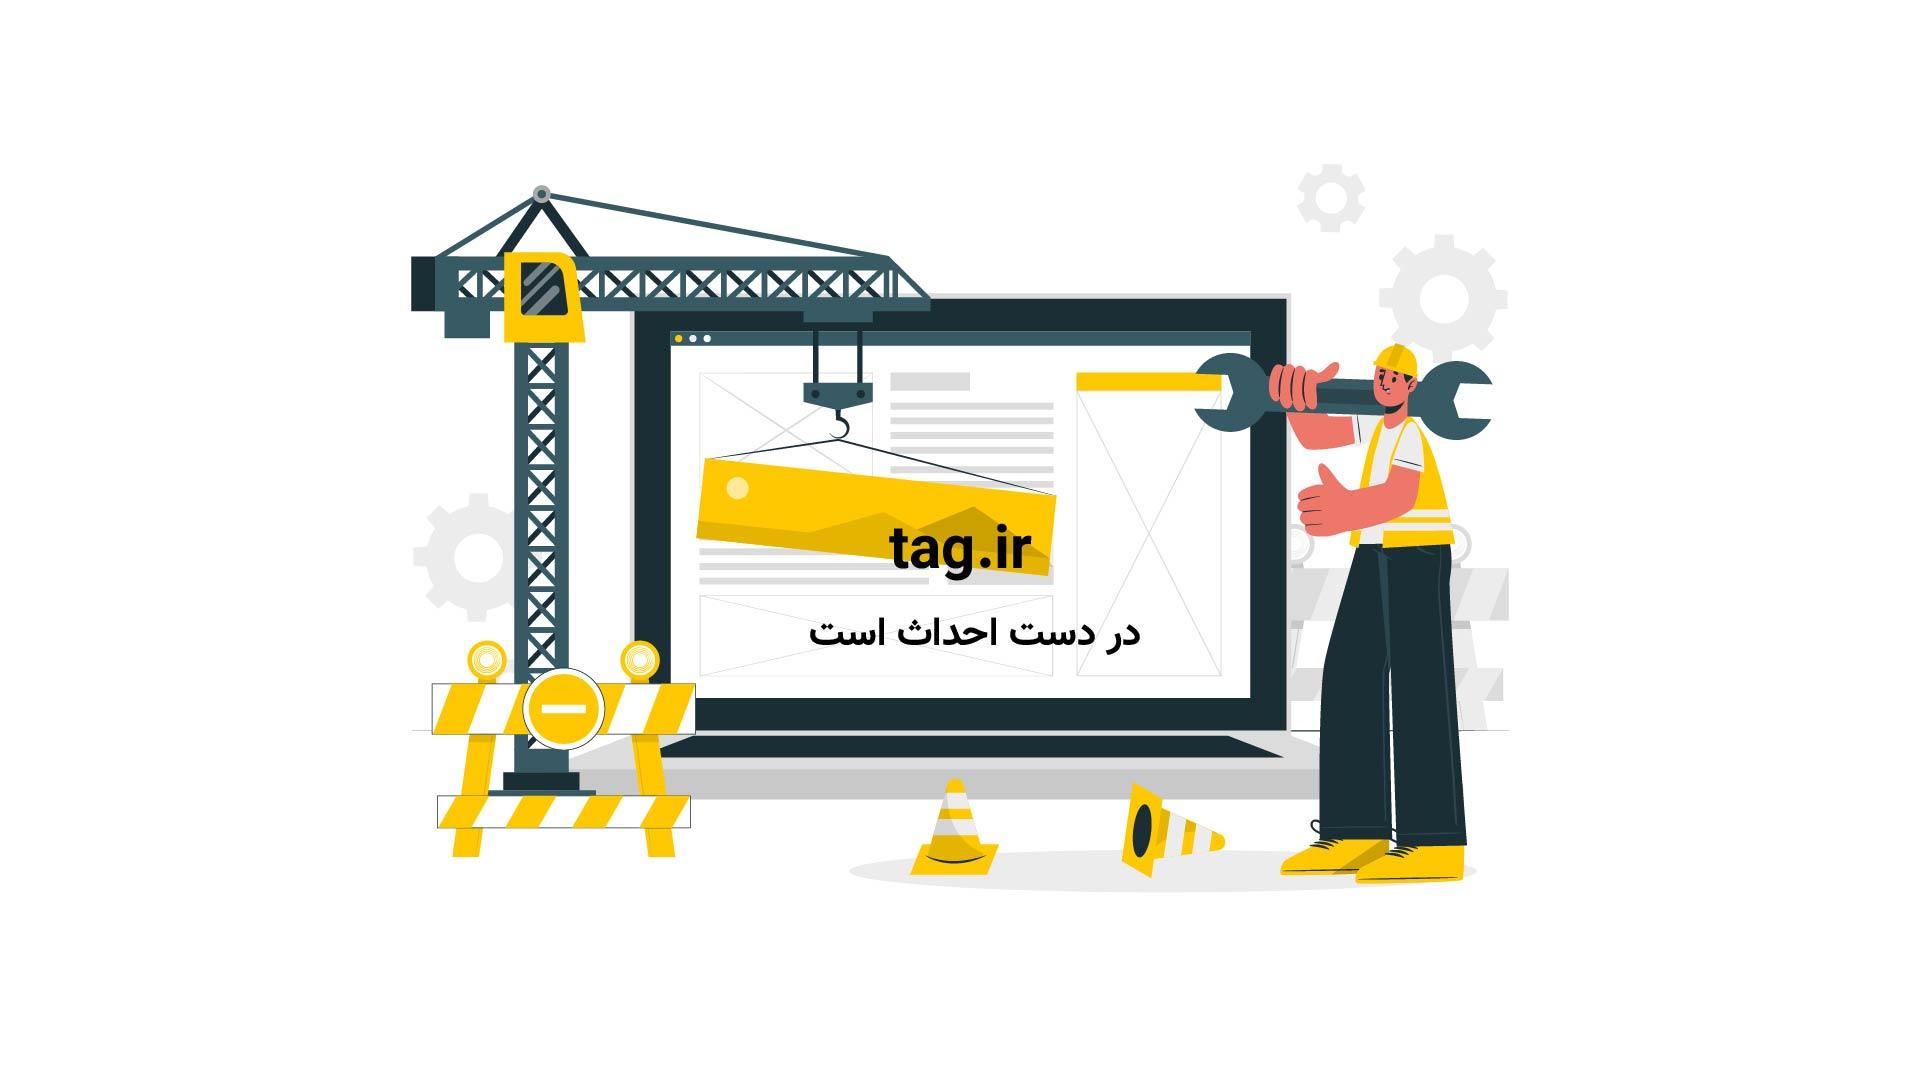 دفاع شیرها از تولههایشان در برابر مار کبرا و حمله فیل | فیلم